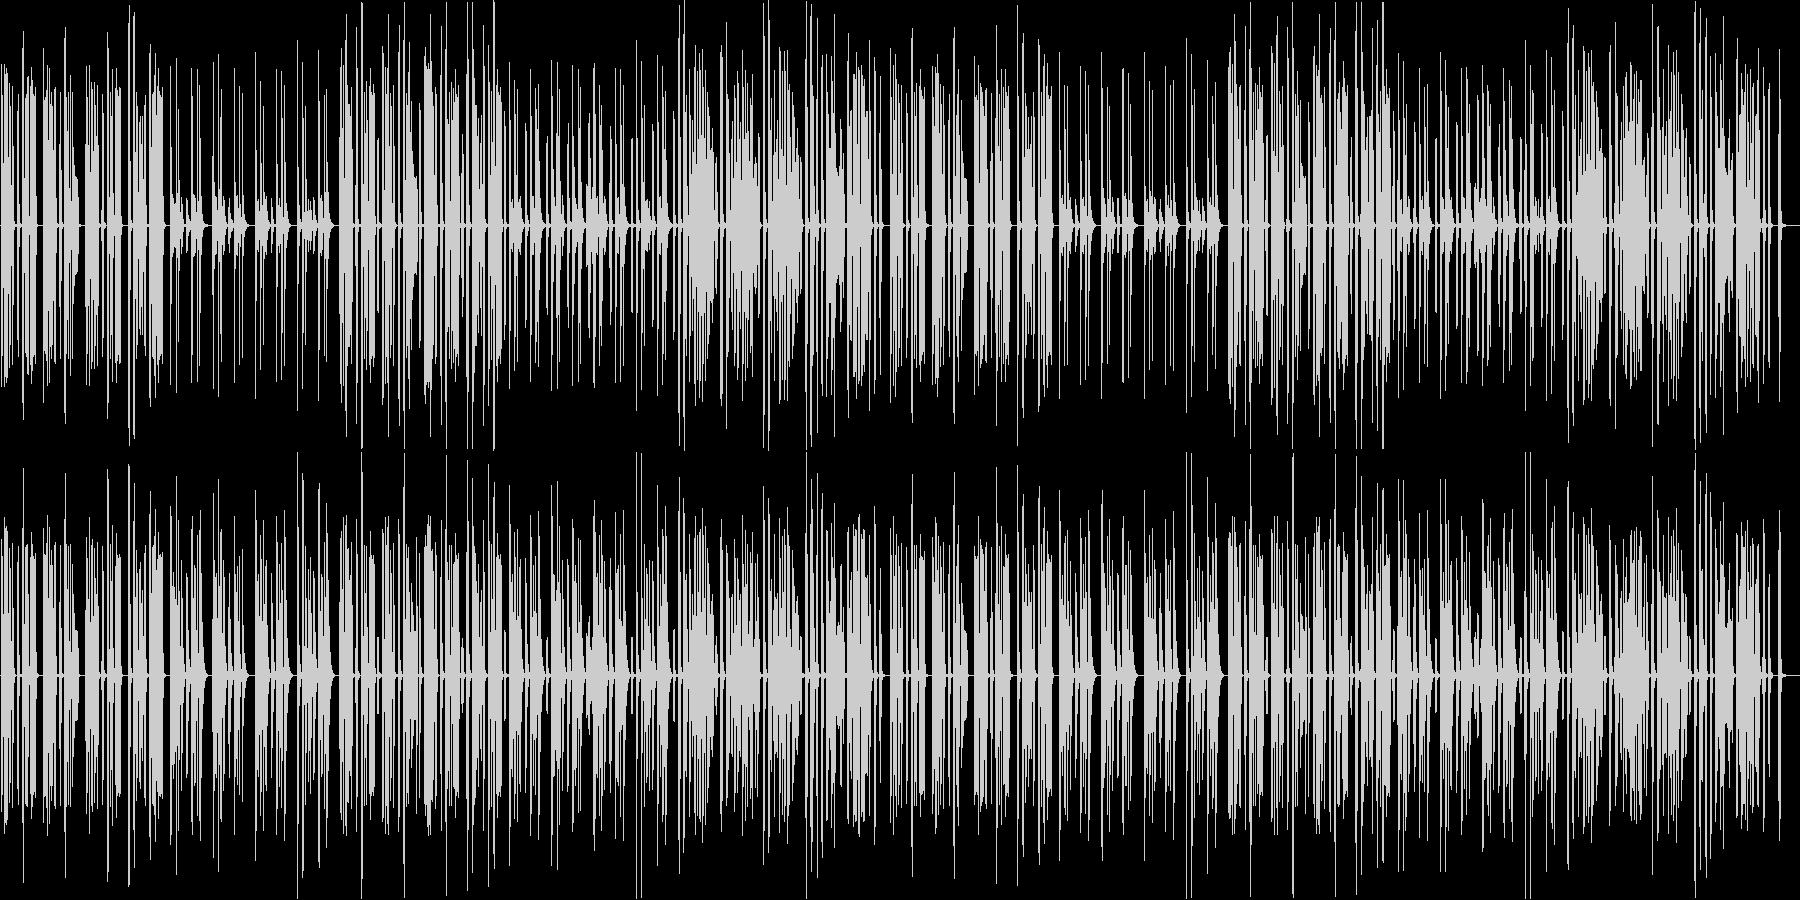 猫・ほのぼの・日常・リコーダー・マリンバの未再生の波形